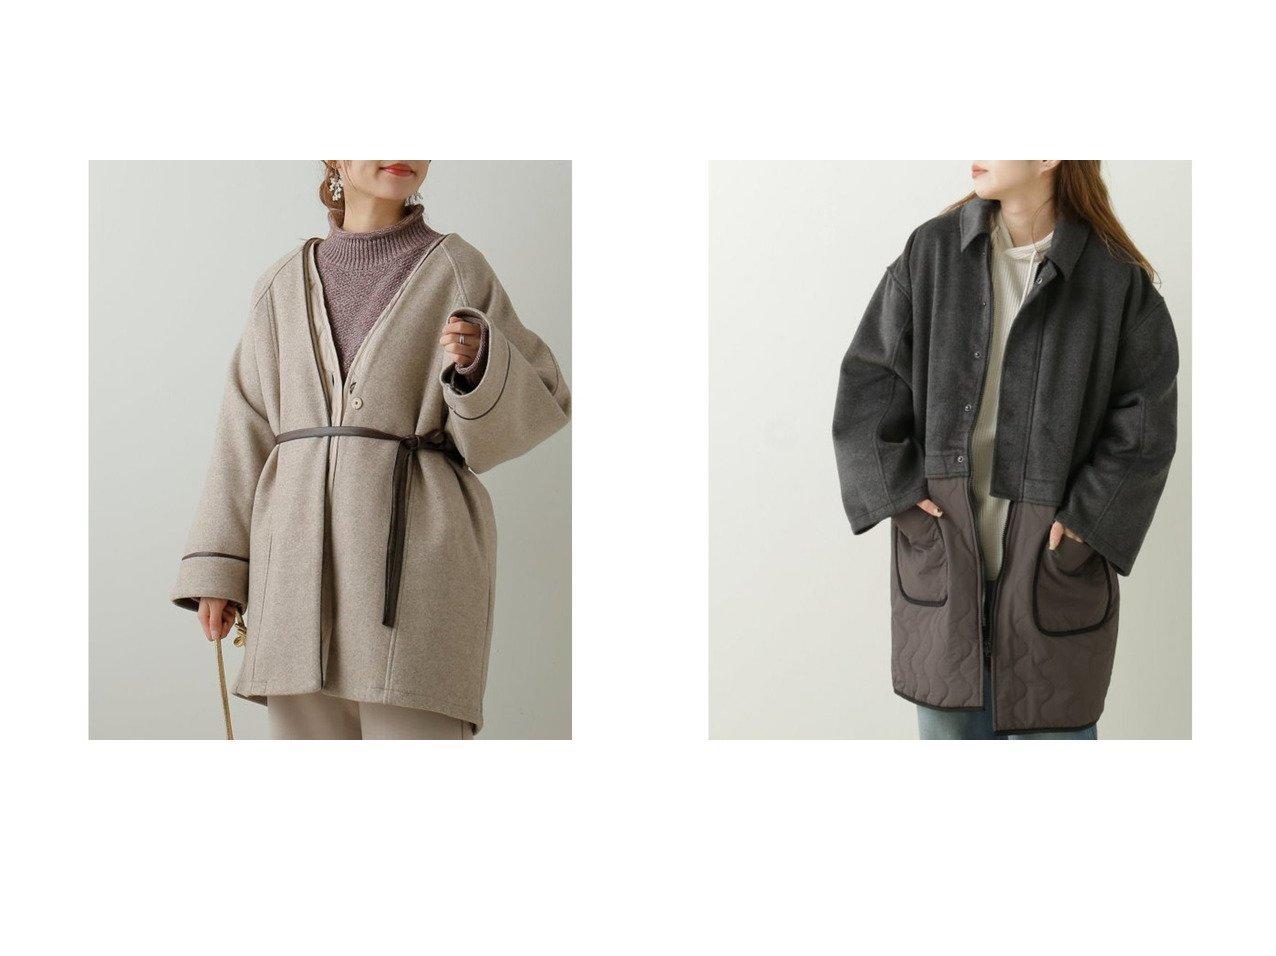 【DOUBLE NAME/ダブルネーム】のSHJ なみなみキルティングレイヤー風コート&【frames RAY CASSIN/フレームスレイカズン】のフェイクウール×キルティングブルゾンSET アウターのおすすめ!人気、トレンド・レディースファッションの通販 おすすめで人気の流行・トレンド、ファッションの通販商品 メンズファッション・キッズファッション・インテリア・家具・レディースファッション・服の通販 founy(ファニー) https://founy.com/ ファッション Fashion レディースファッション WOMEN アウター Coat Outerwear ブルゾン Blouson Jackets コート Coats 2020年 2020 2020-2021 秋冬 A/W AW Autumn/Winter / FW Fall-Winter 2020-2021 A/W 秋冬 AW Autumn/Winter / FW Fall-Winter キルティング トレンド ブルゾン  ID:crp329100000015036